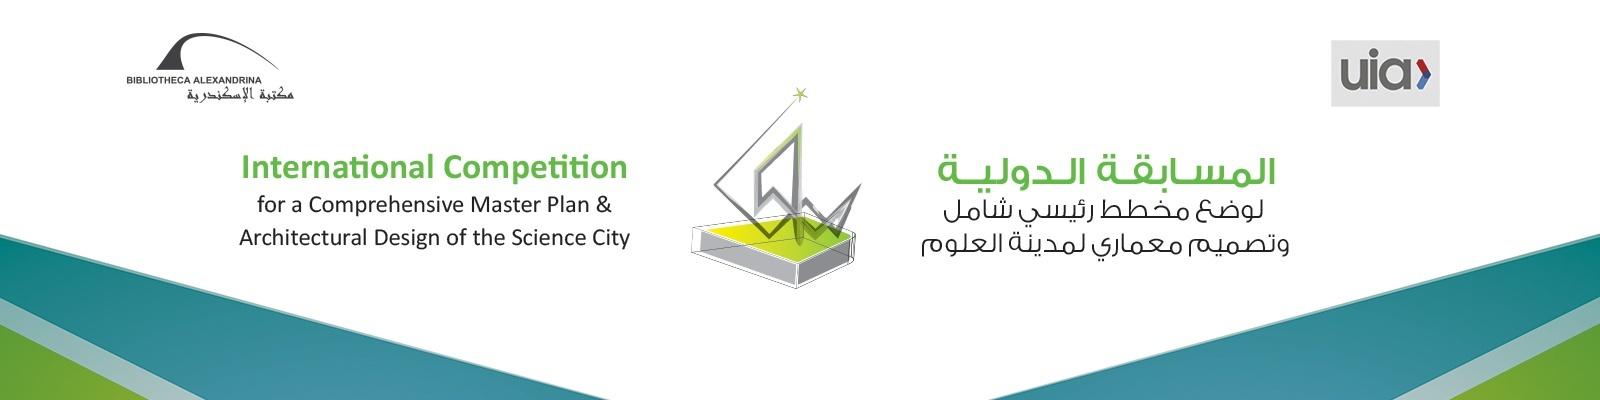 الإعلان عن الفائزين بمسابقة مدينة العلوم الدولية